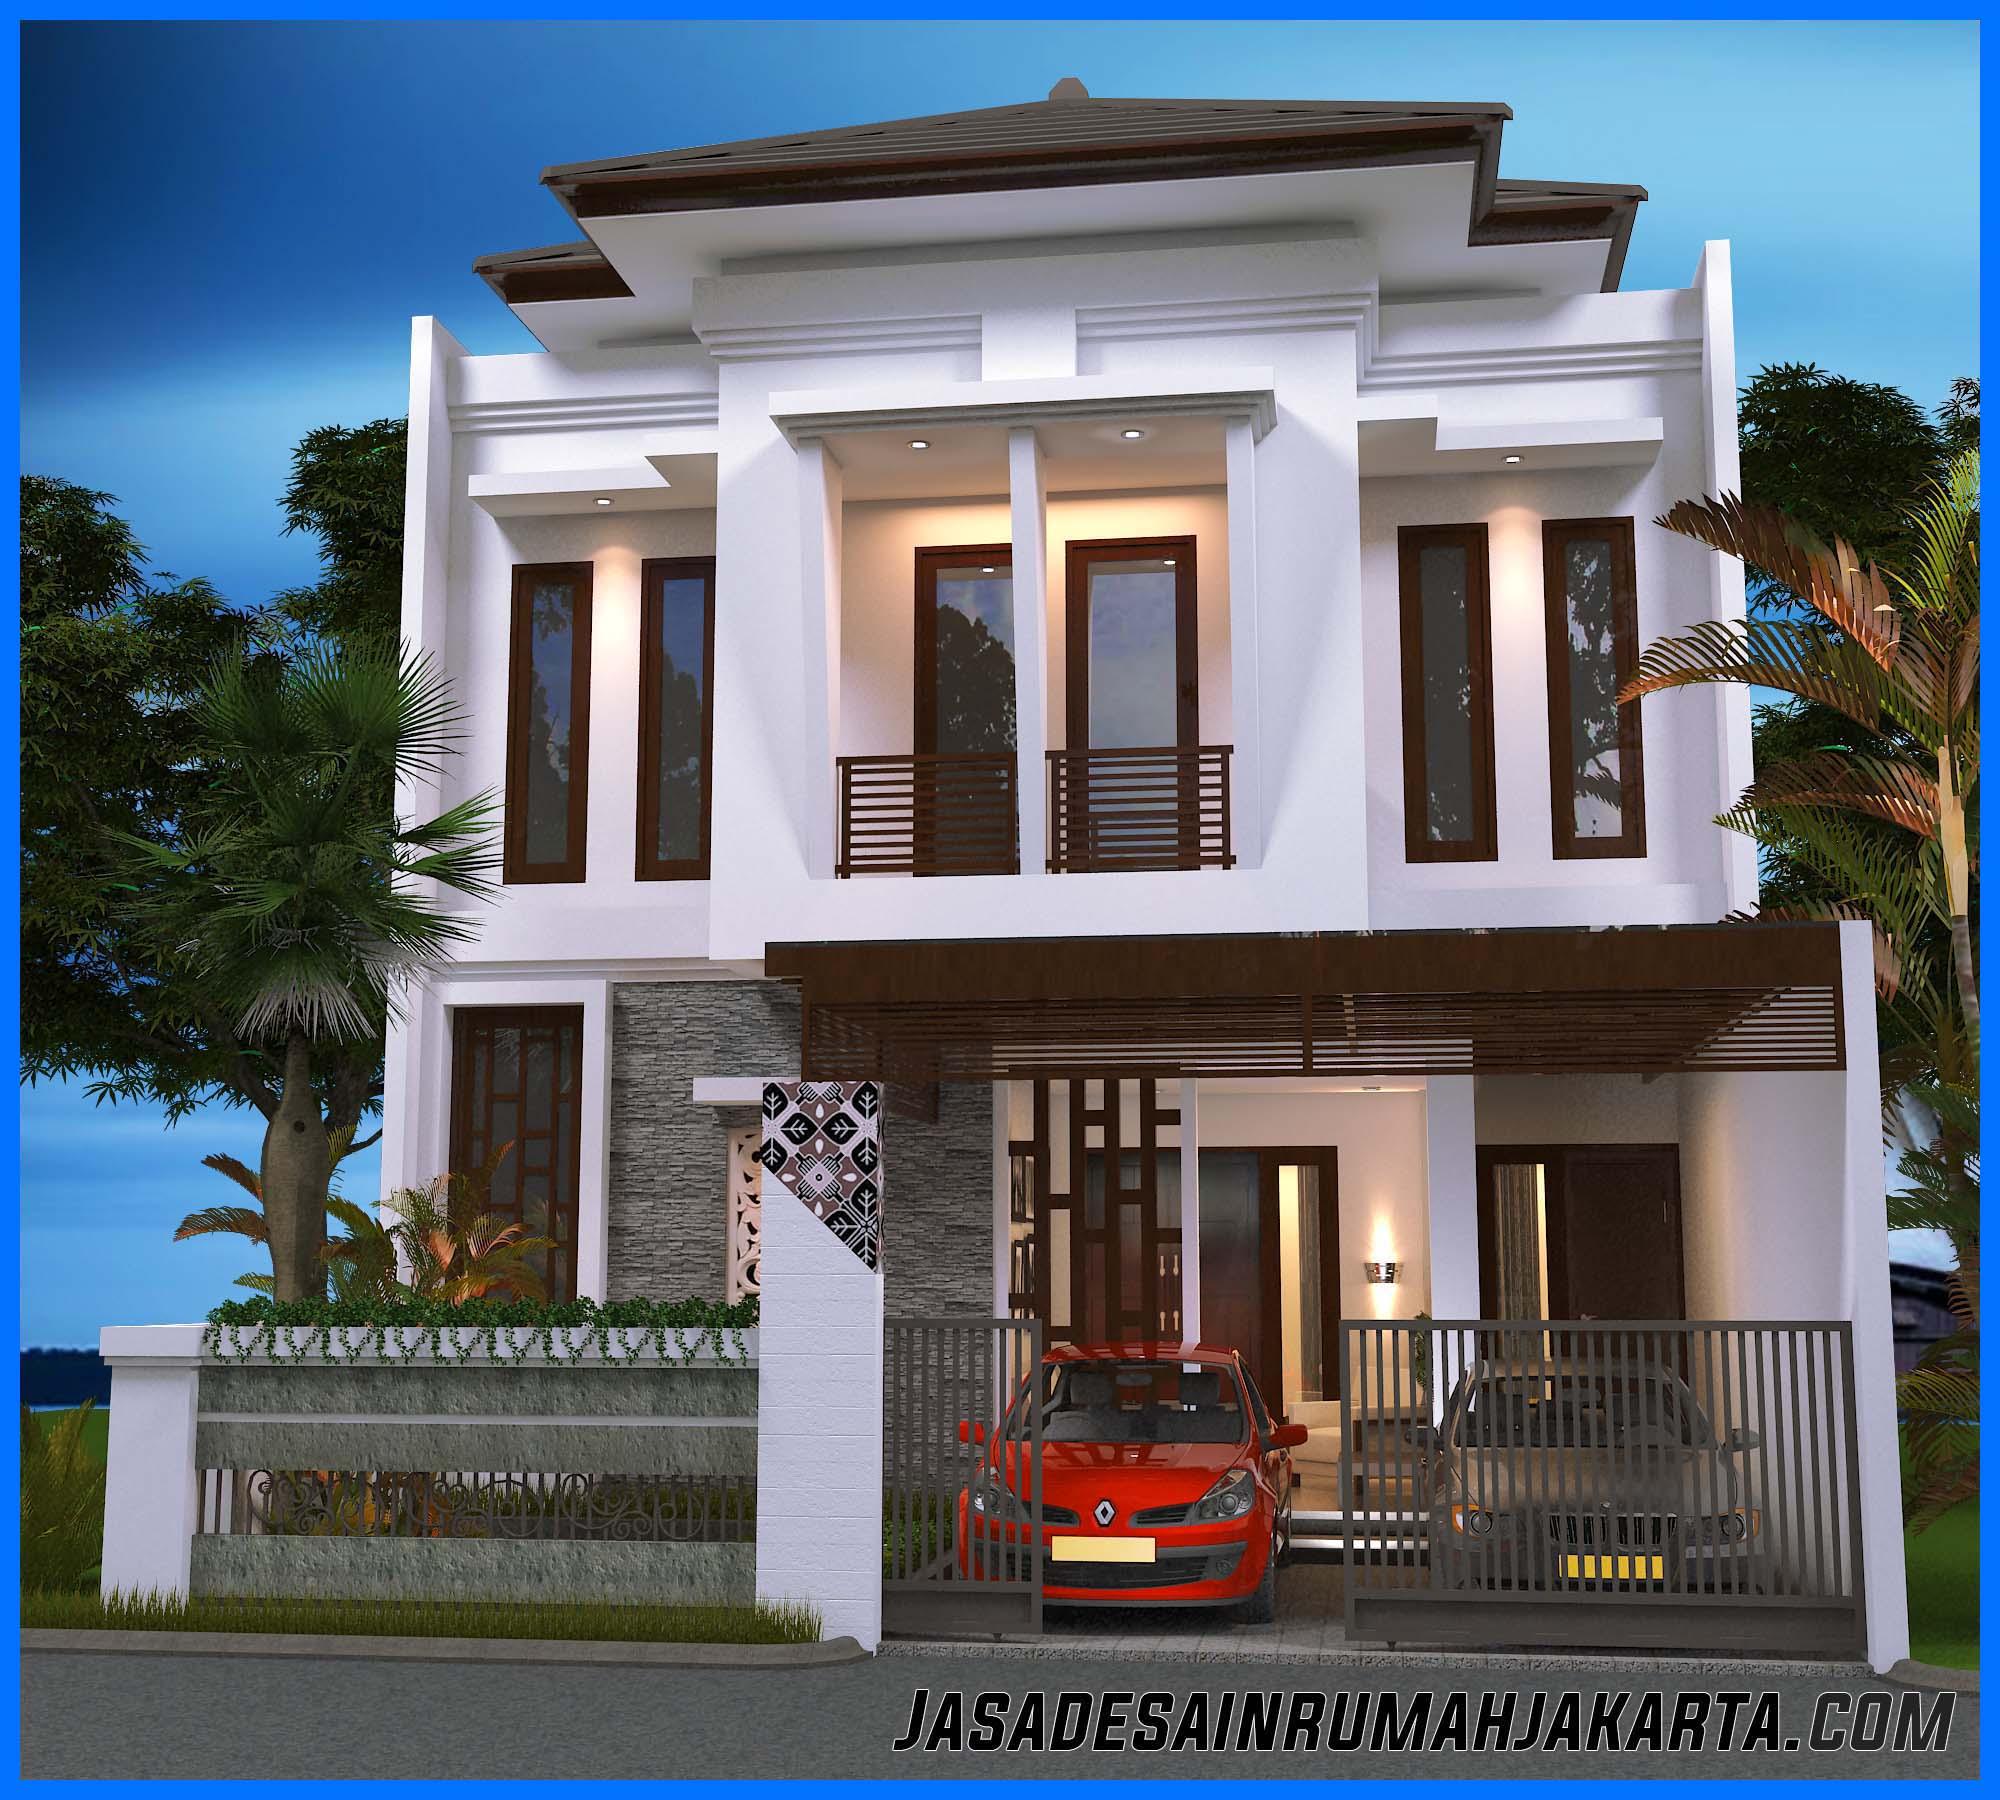 STUDIO DESAIN RUMAH @ Jasa Arsitek & Kontraktor Rumah